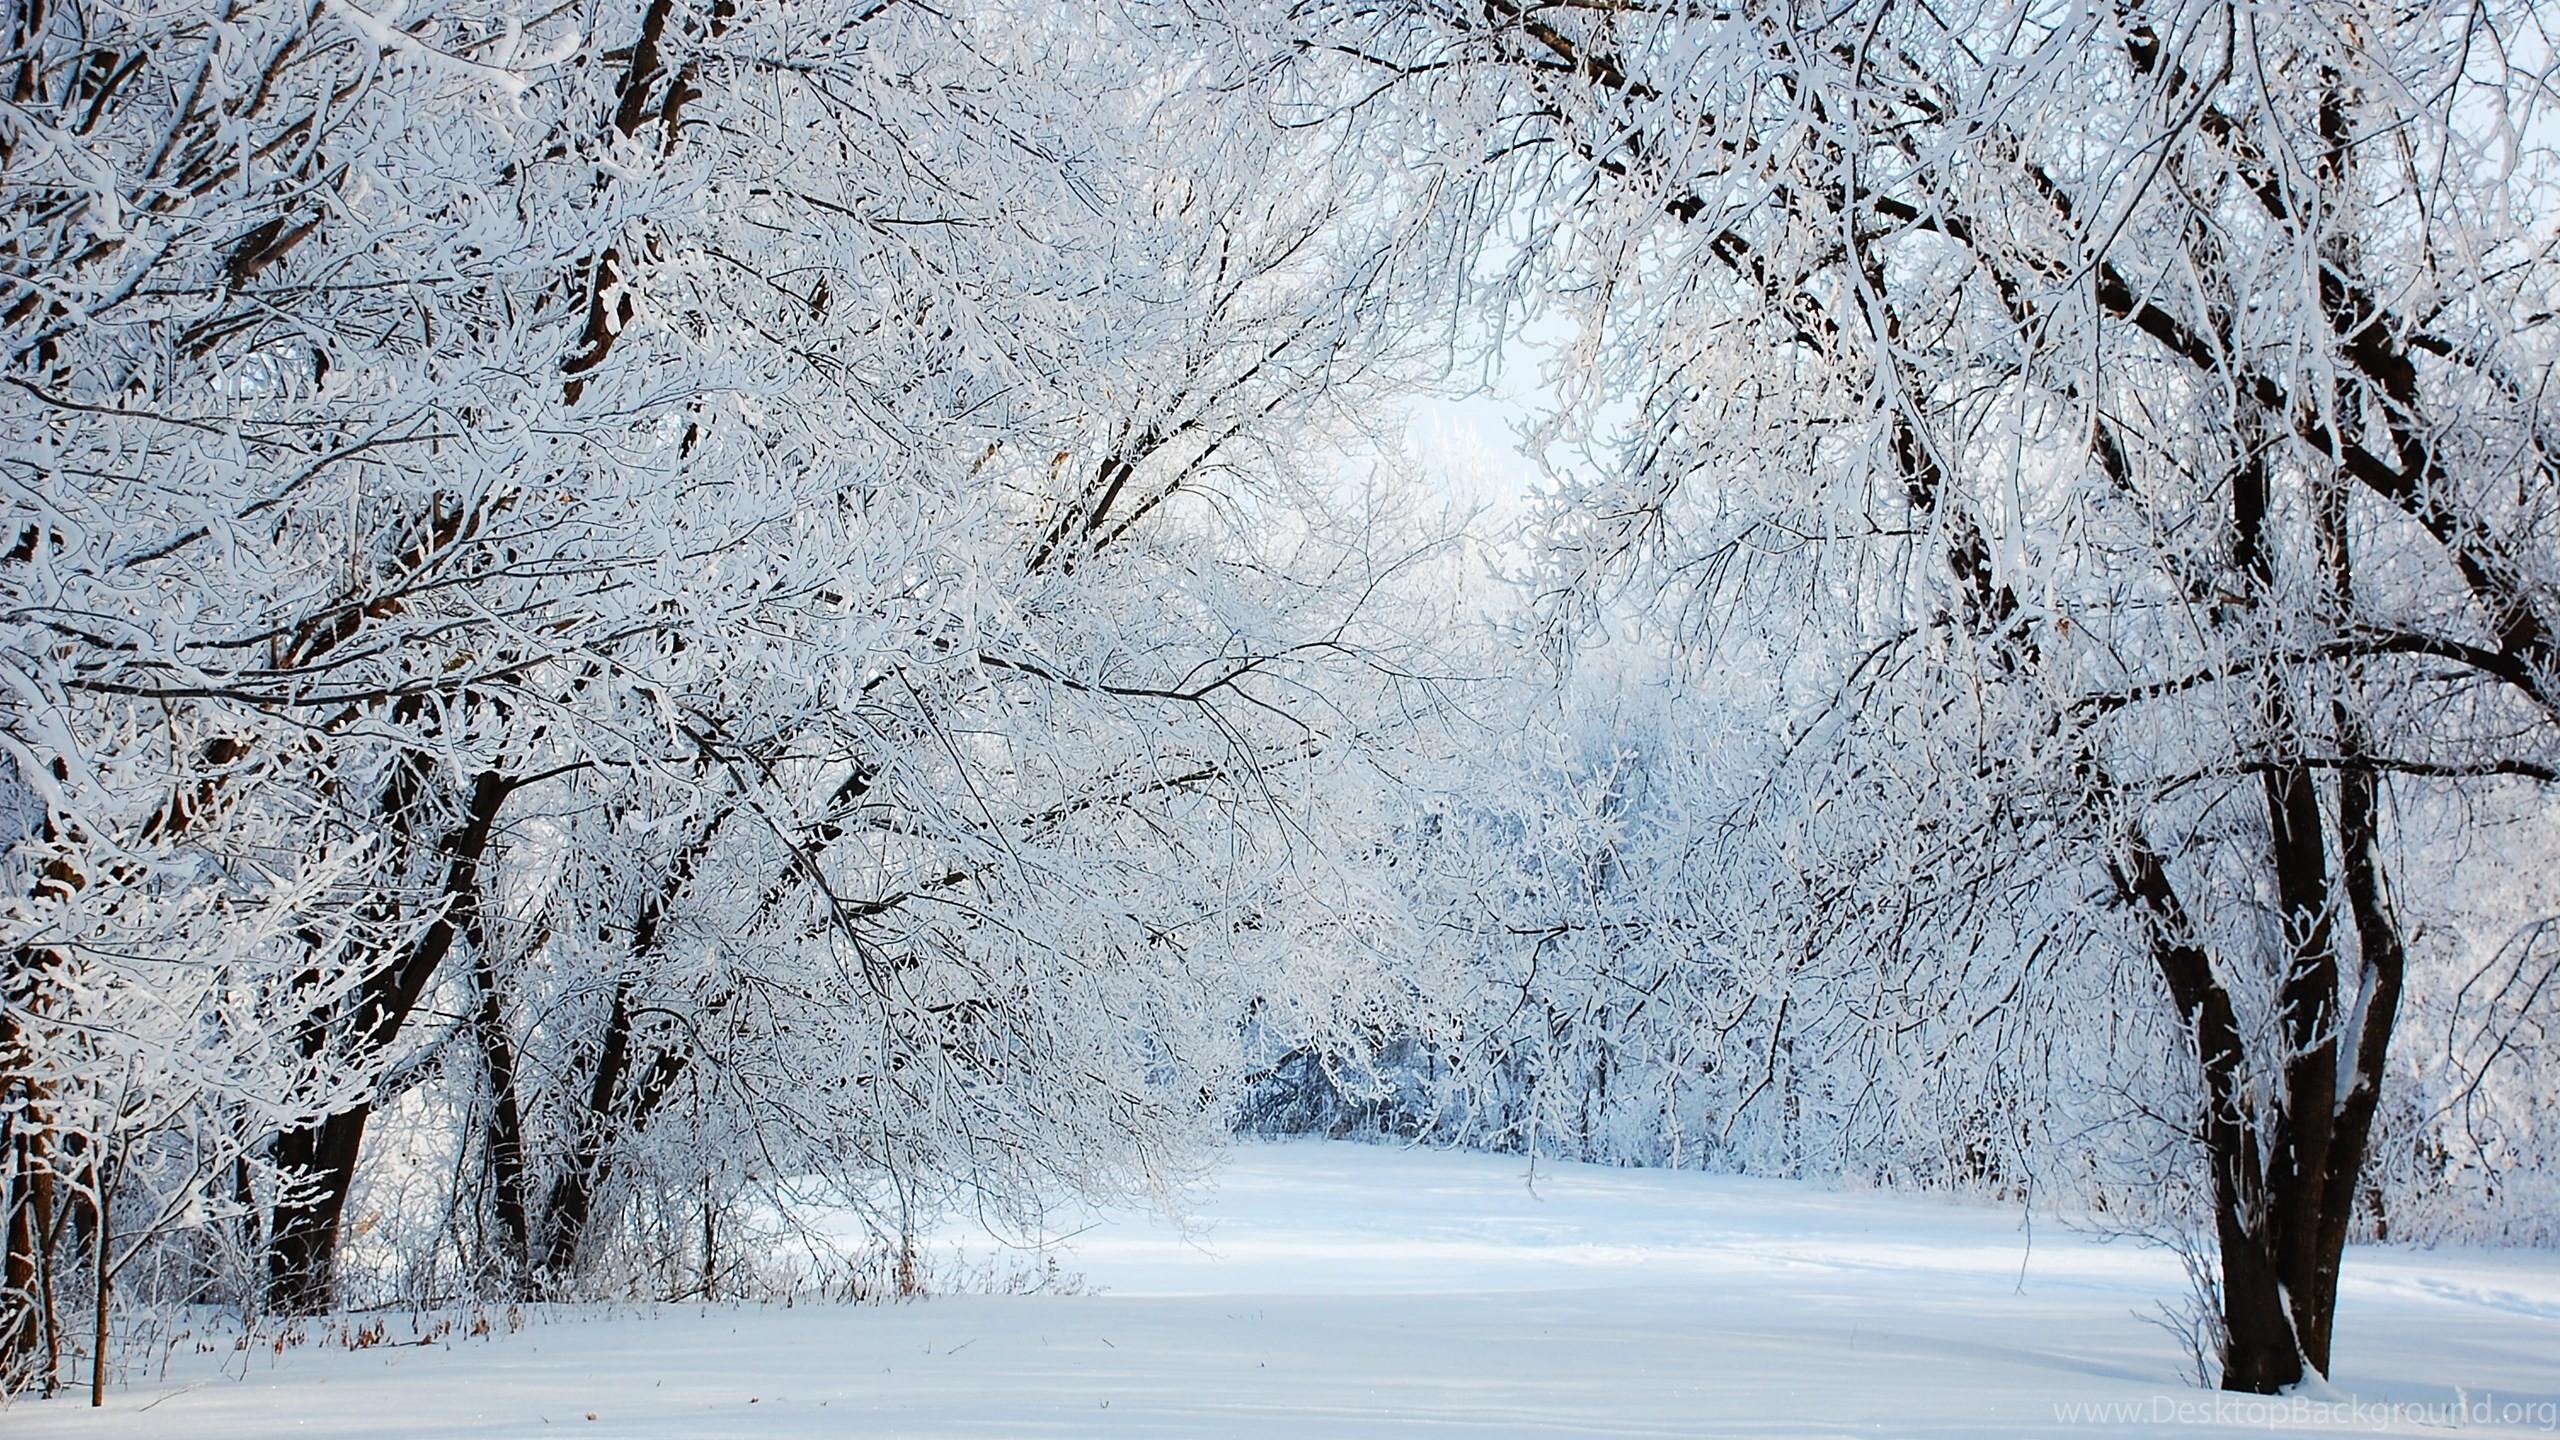 Winter wonderland desktop background 54 images for Desktop gratis inverno